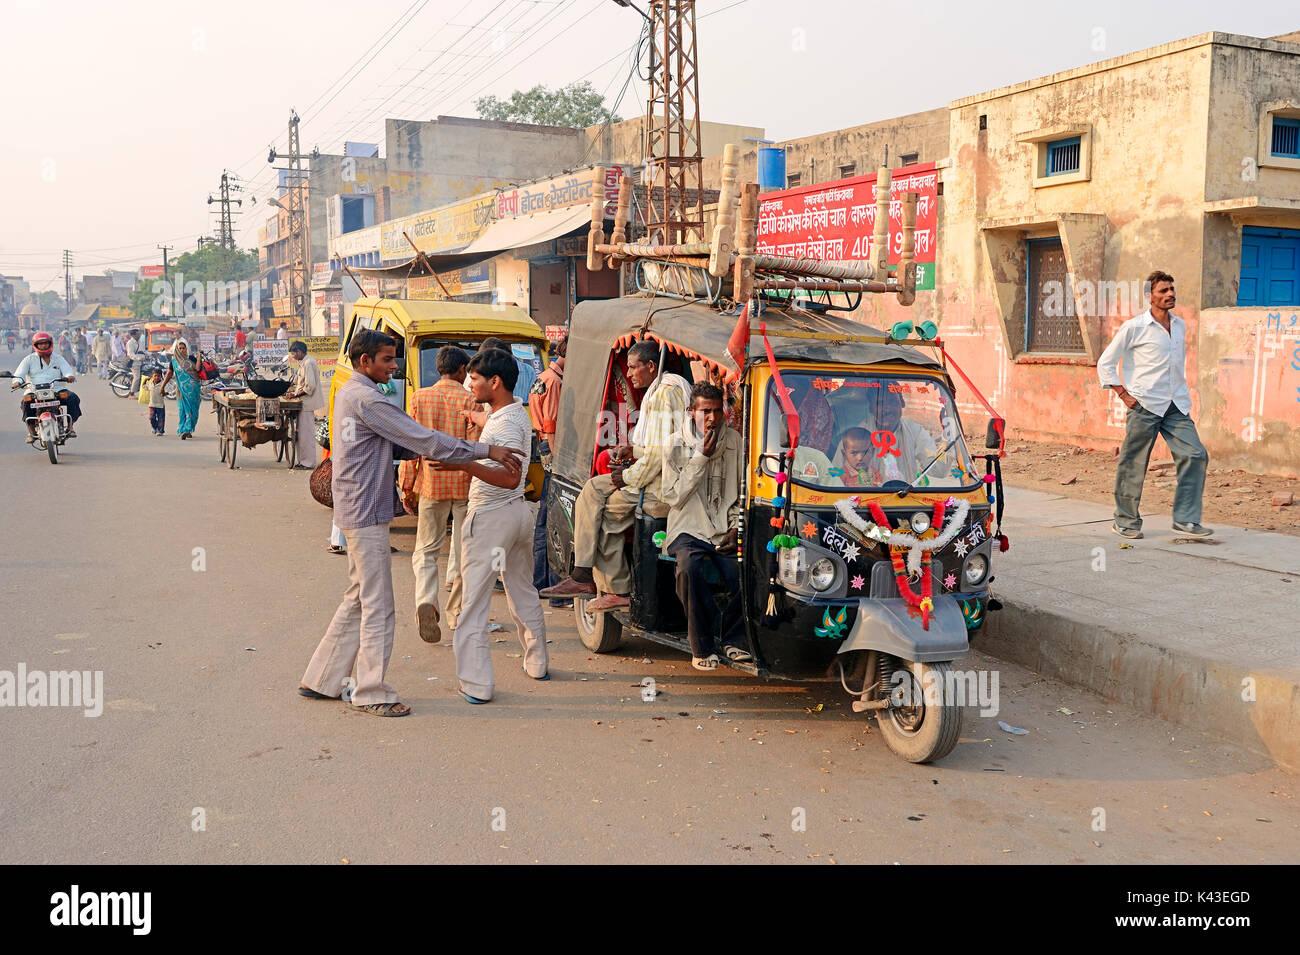 Auto-rikscha, Bharatpur, Rajasthan, Indien | Auto-Rikscha, Bharatpur, Rajasthan, Indien Stockbild